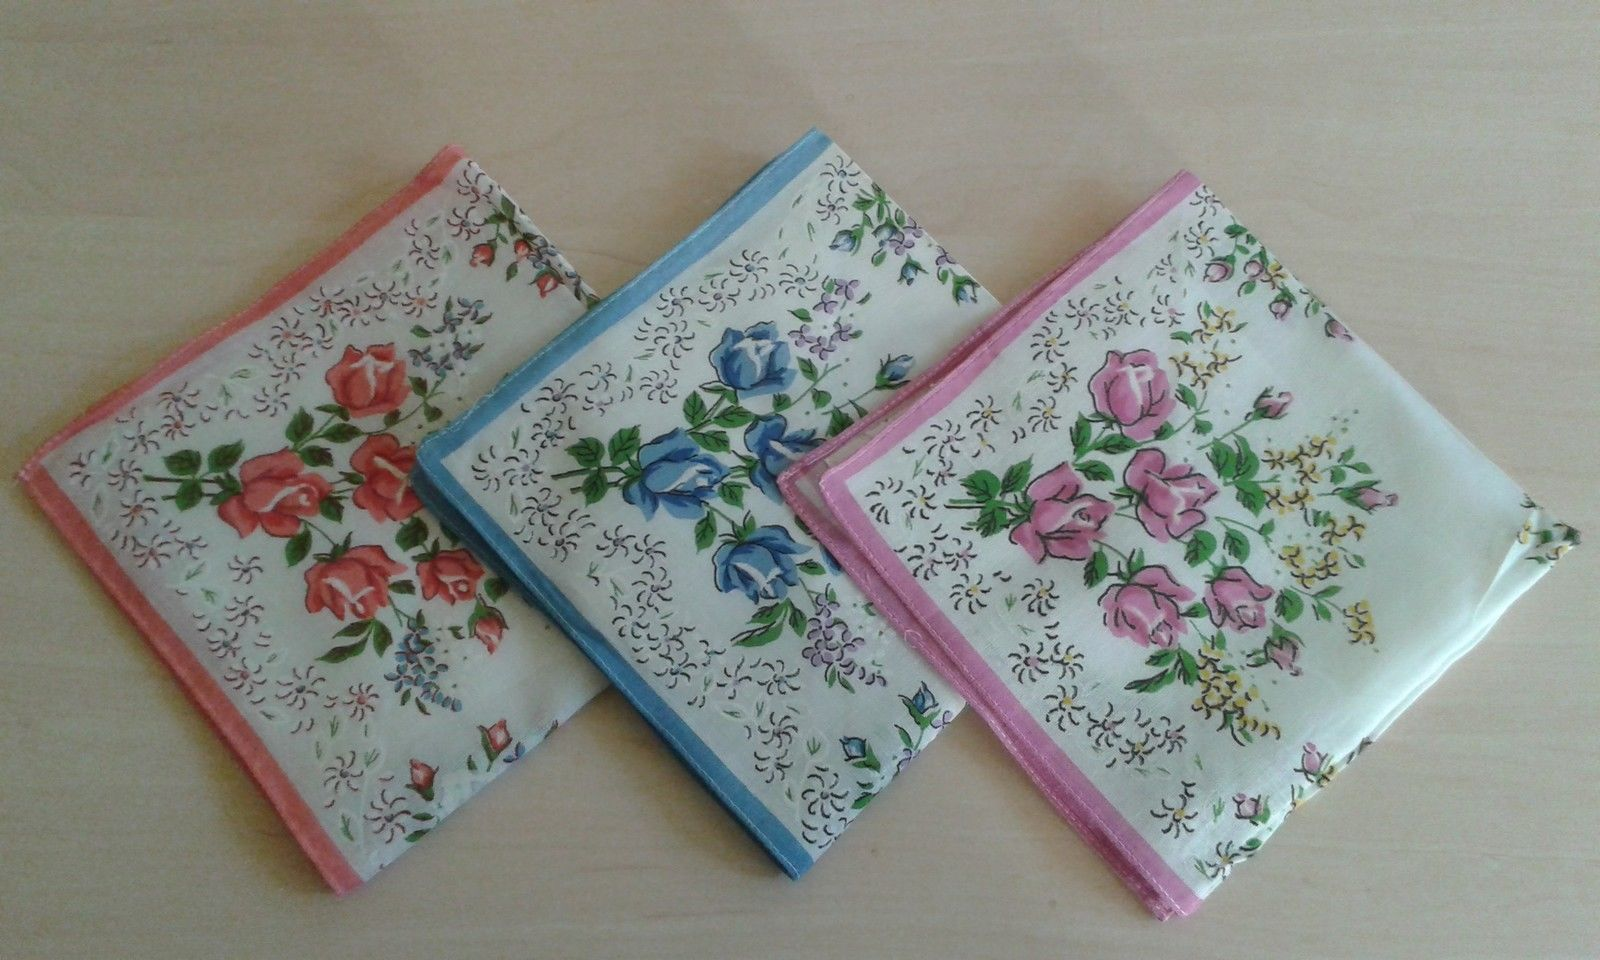 3 Stück Taschentücher bunte Blumen Baumwolle, aus DDR /Chinataschentücher   eBay